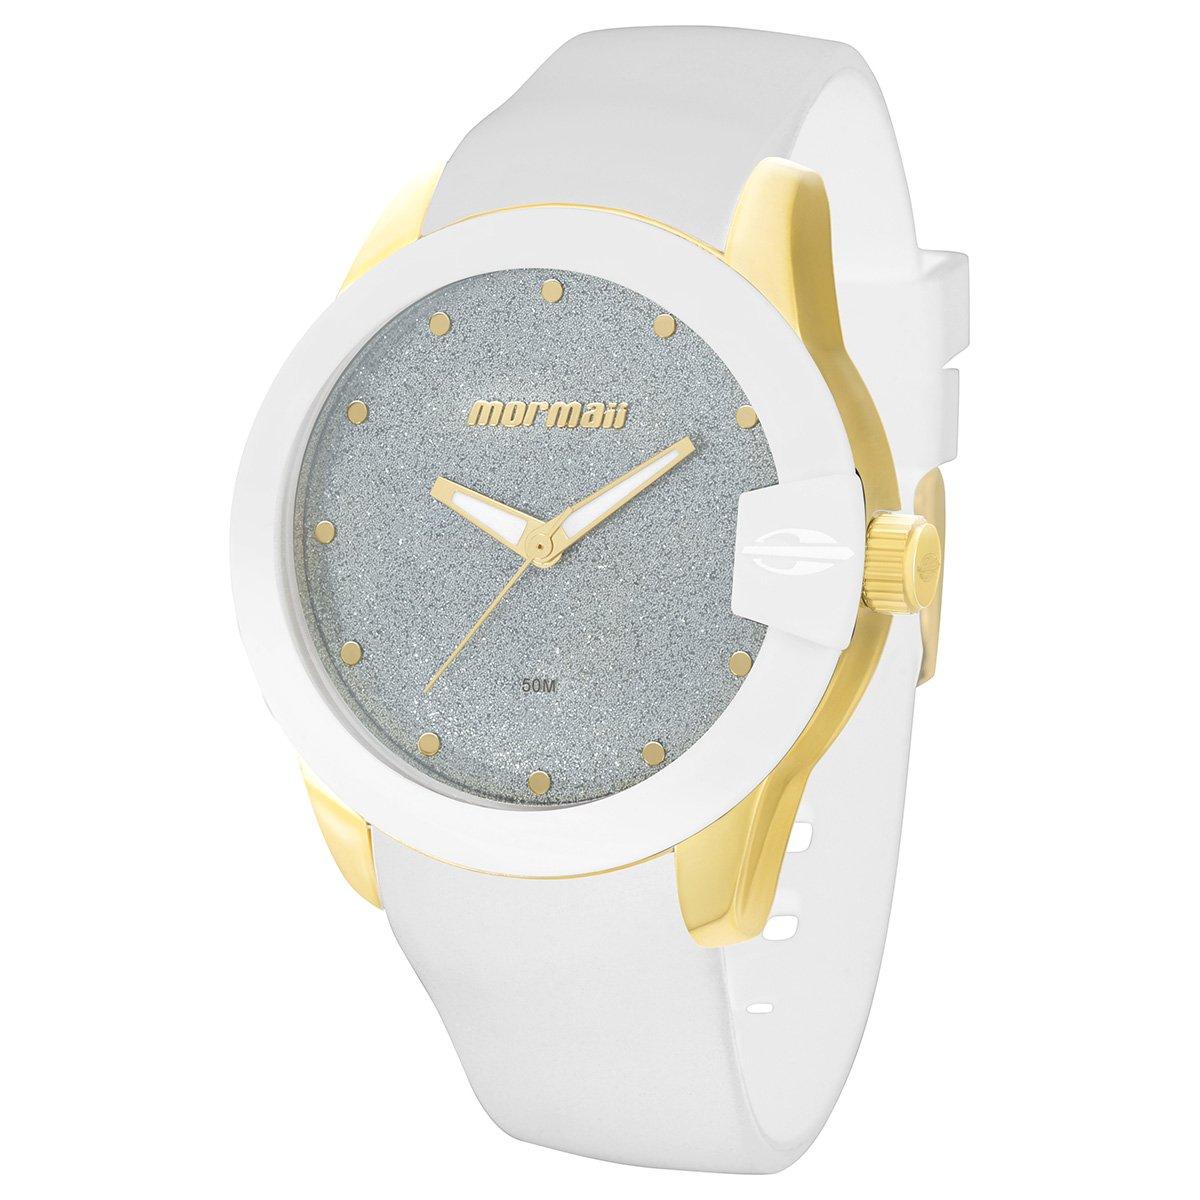 Relógio Mormaii Analógico MO2035CU 8B Feminino - Compre Agora   Netshoes 04a9571a62